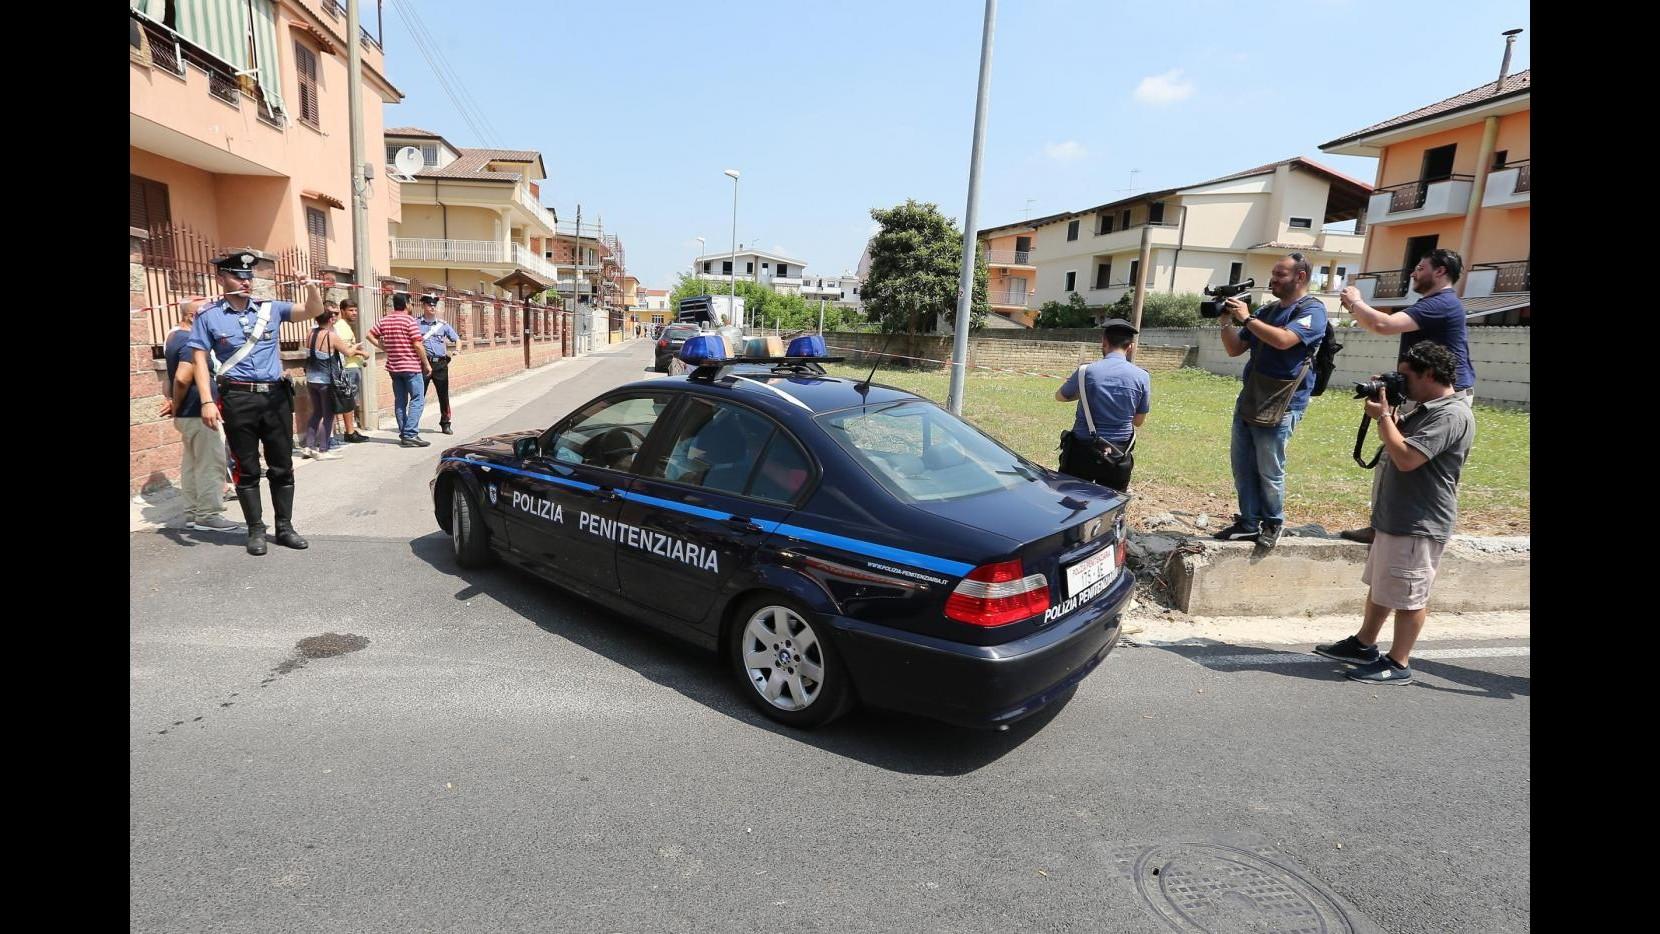 Roma, istigò figlio minore a uccidere: condannato a 21 anni